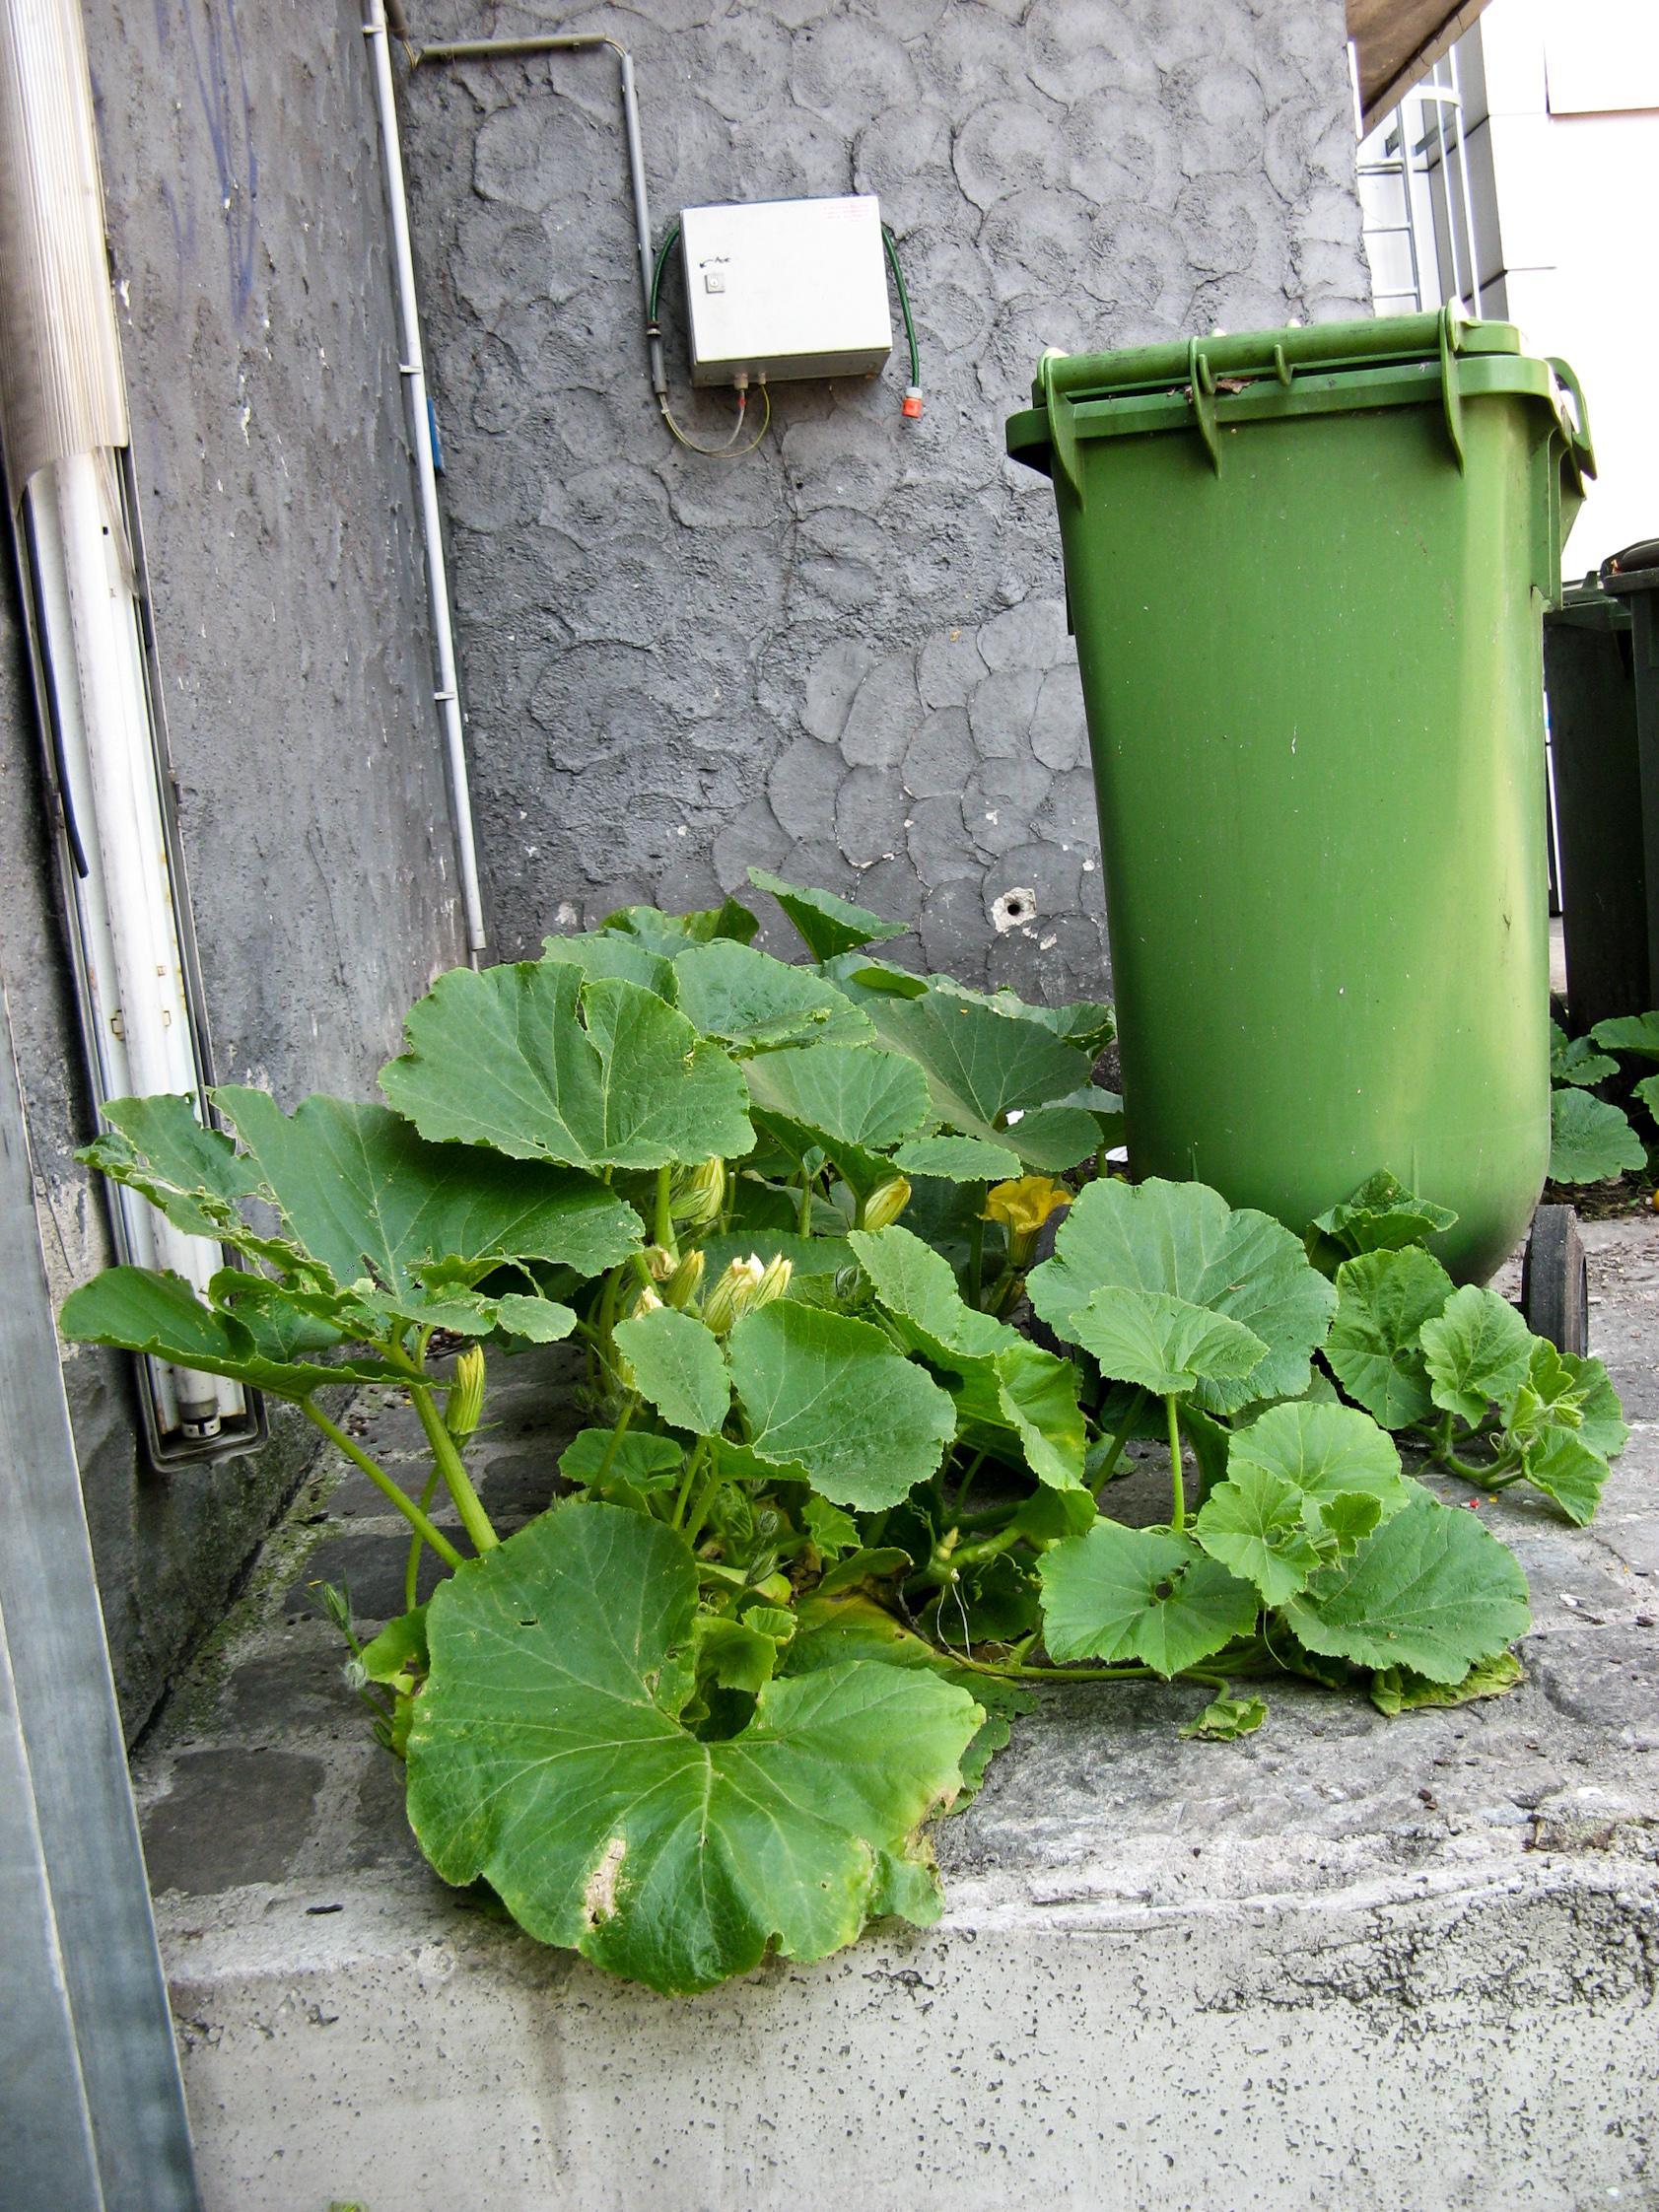 Kürbis neben Mülltonne